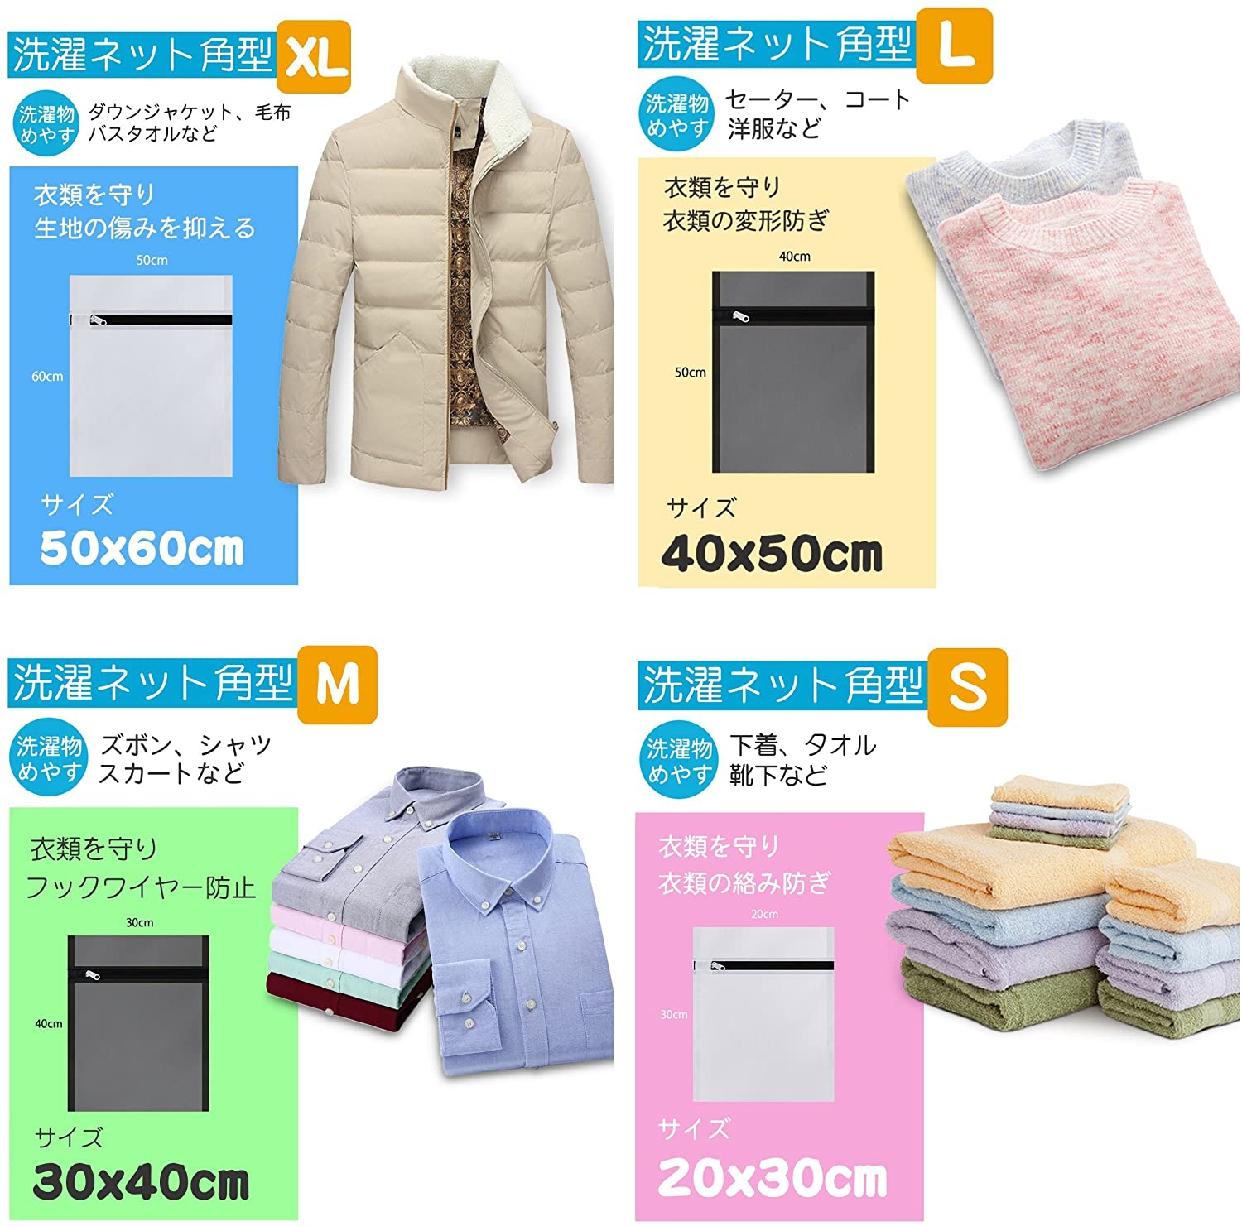 GLAMOURIC(グラモリック) GLAMOURIC 洗濯ネット ランドリーネット 洗濯袋 6枚入セット 2個洗濯ボール付きの商品画像3